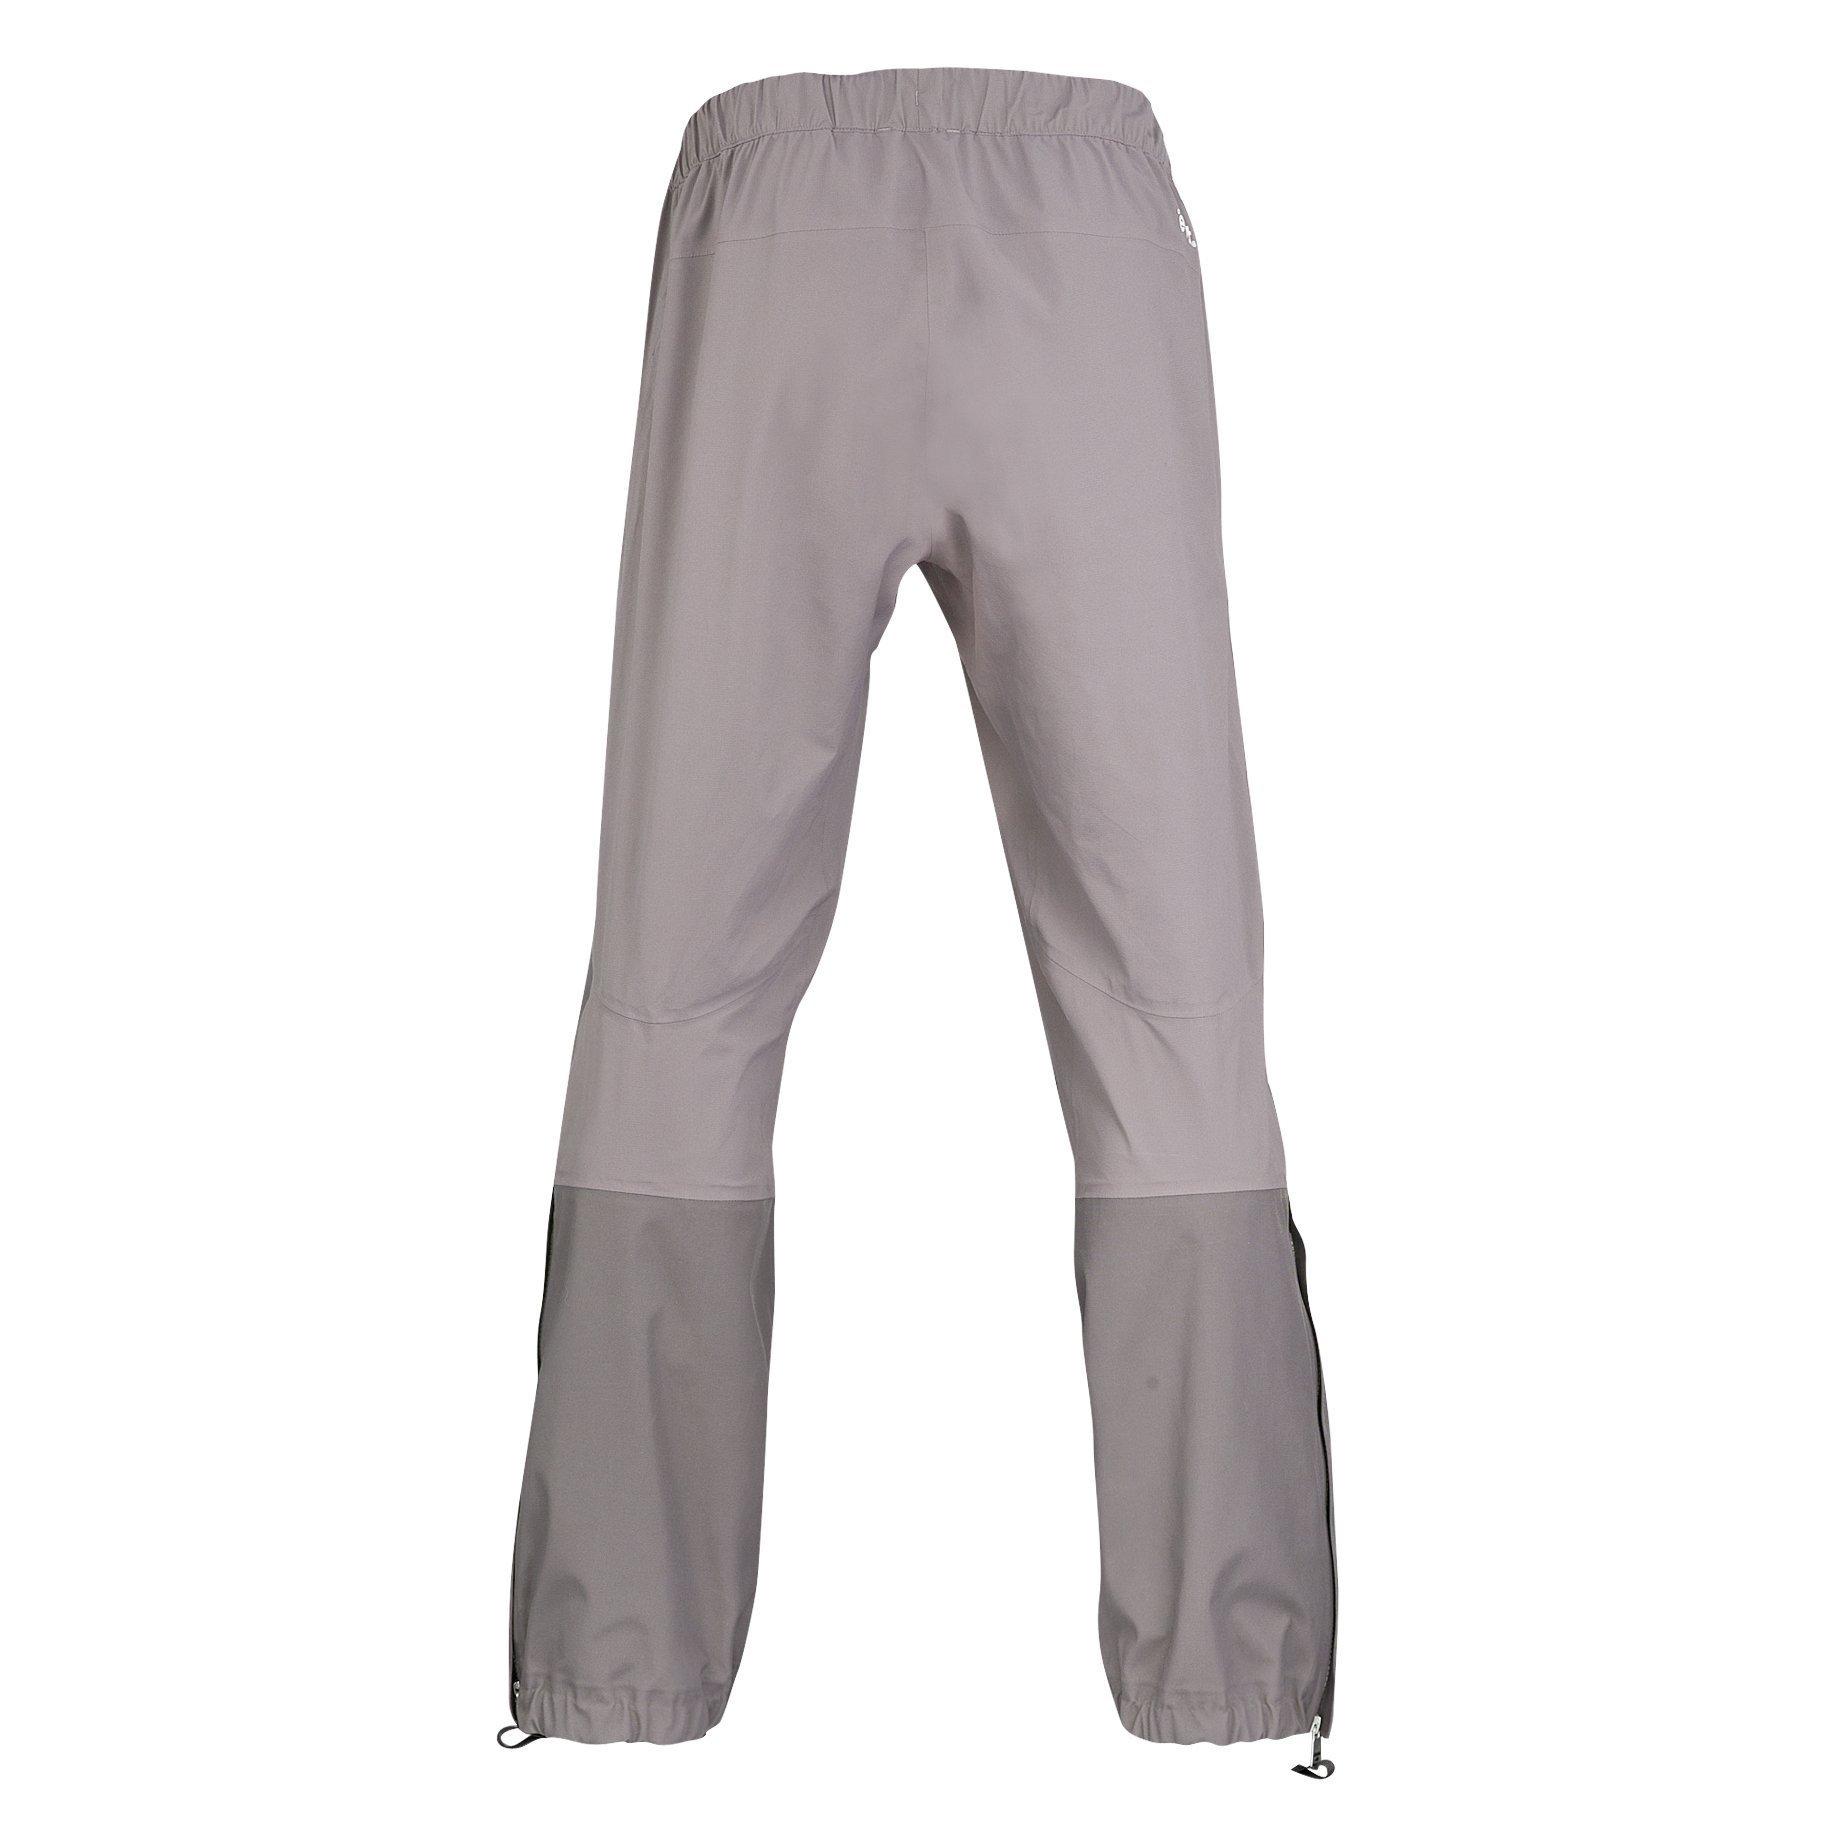 mosko-moto-apparel-s-deluge-pant-11333198741565_2000x.jpg